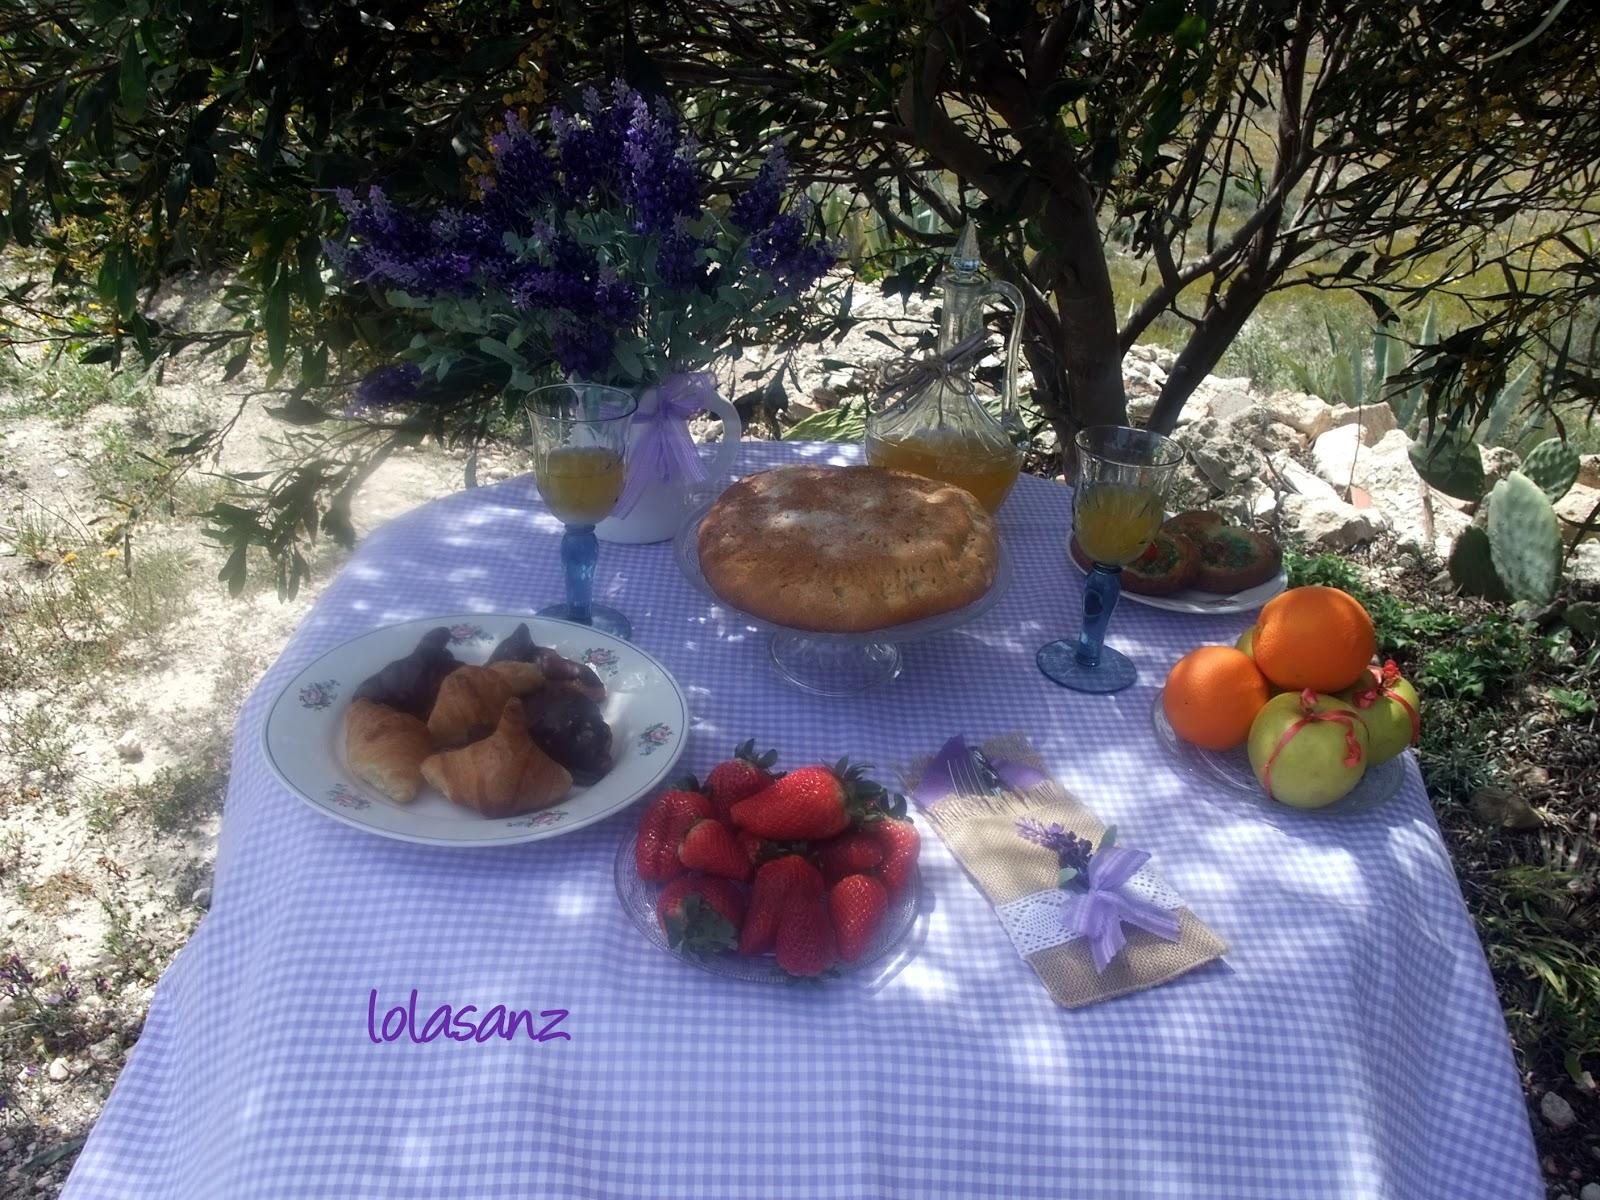 Lolasanz mesa para un desayuno rom ntico - Preparar desayuno romantico ...